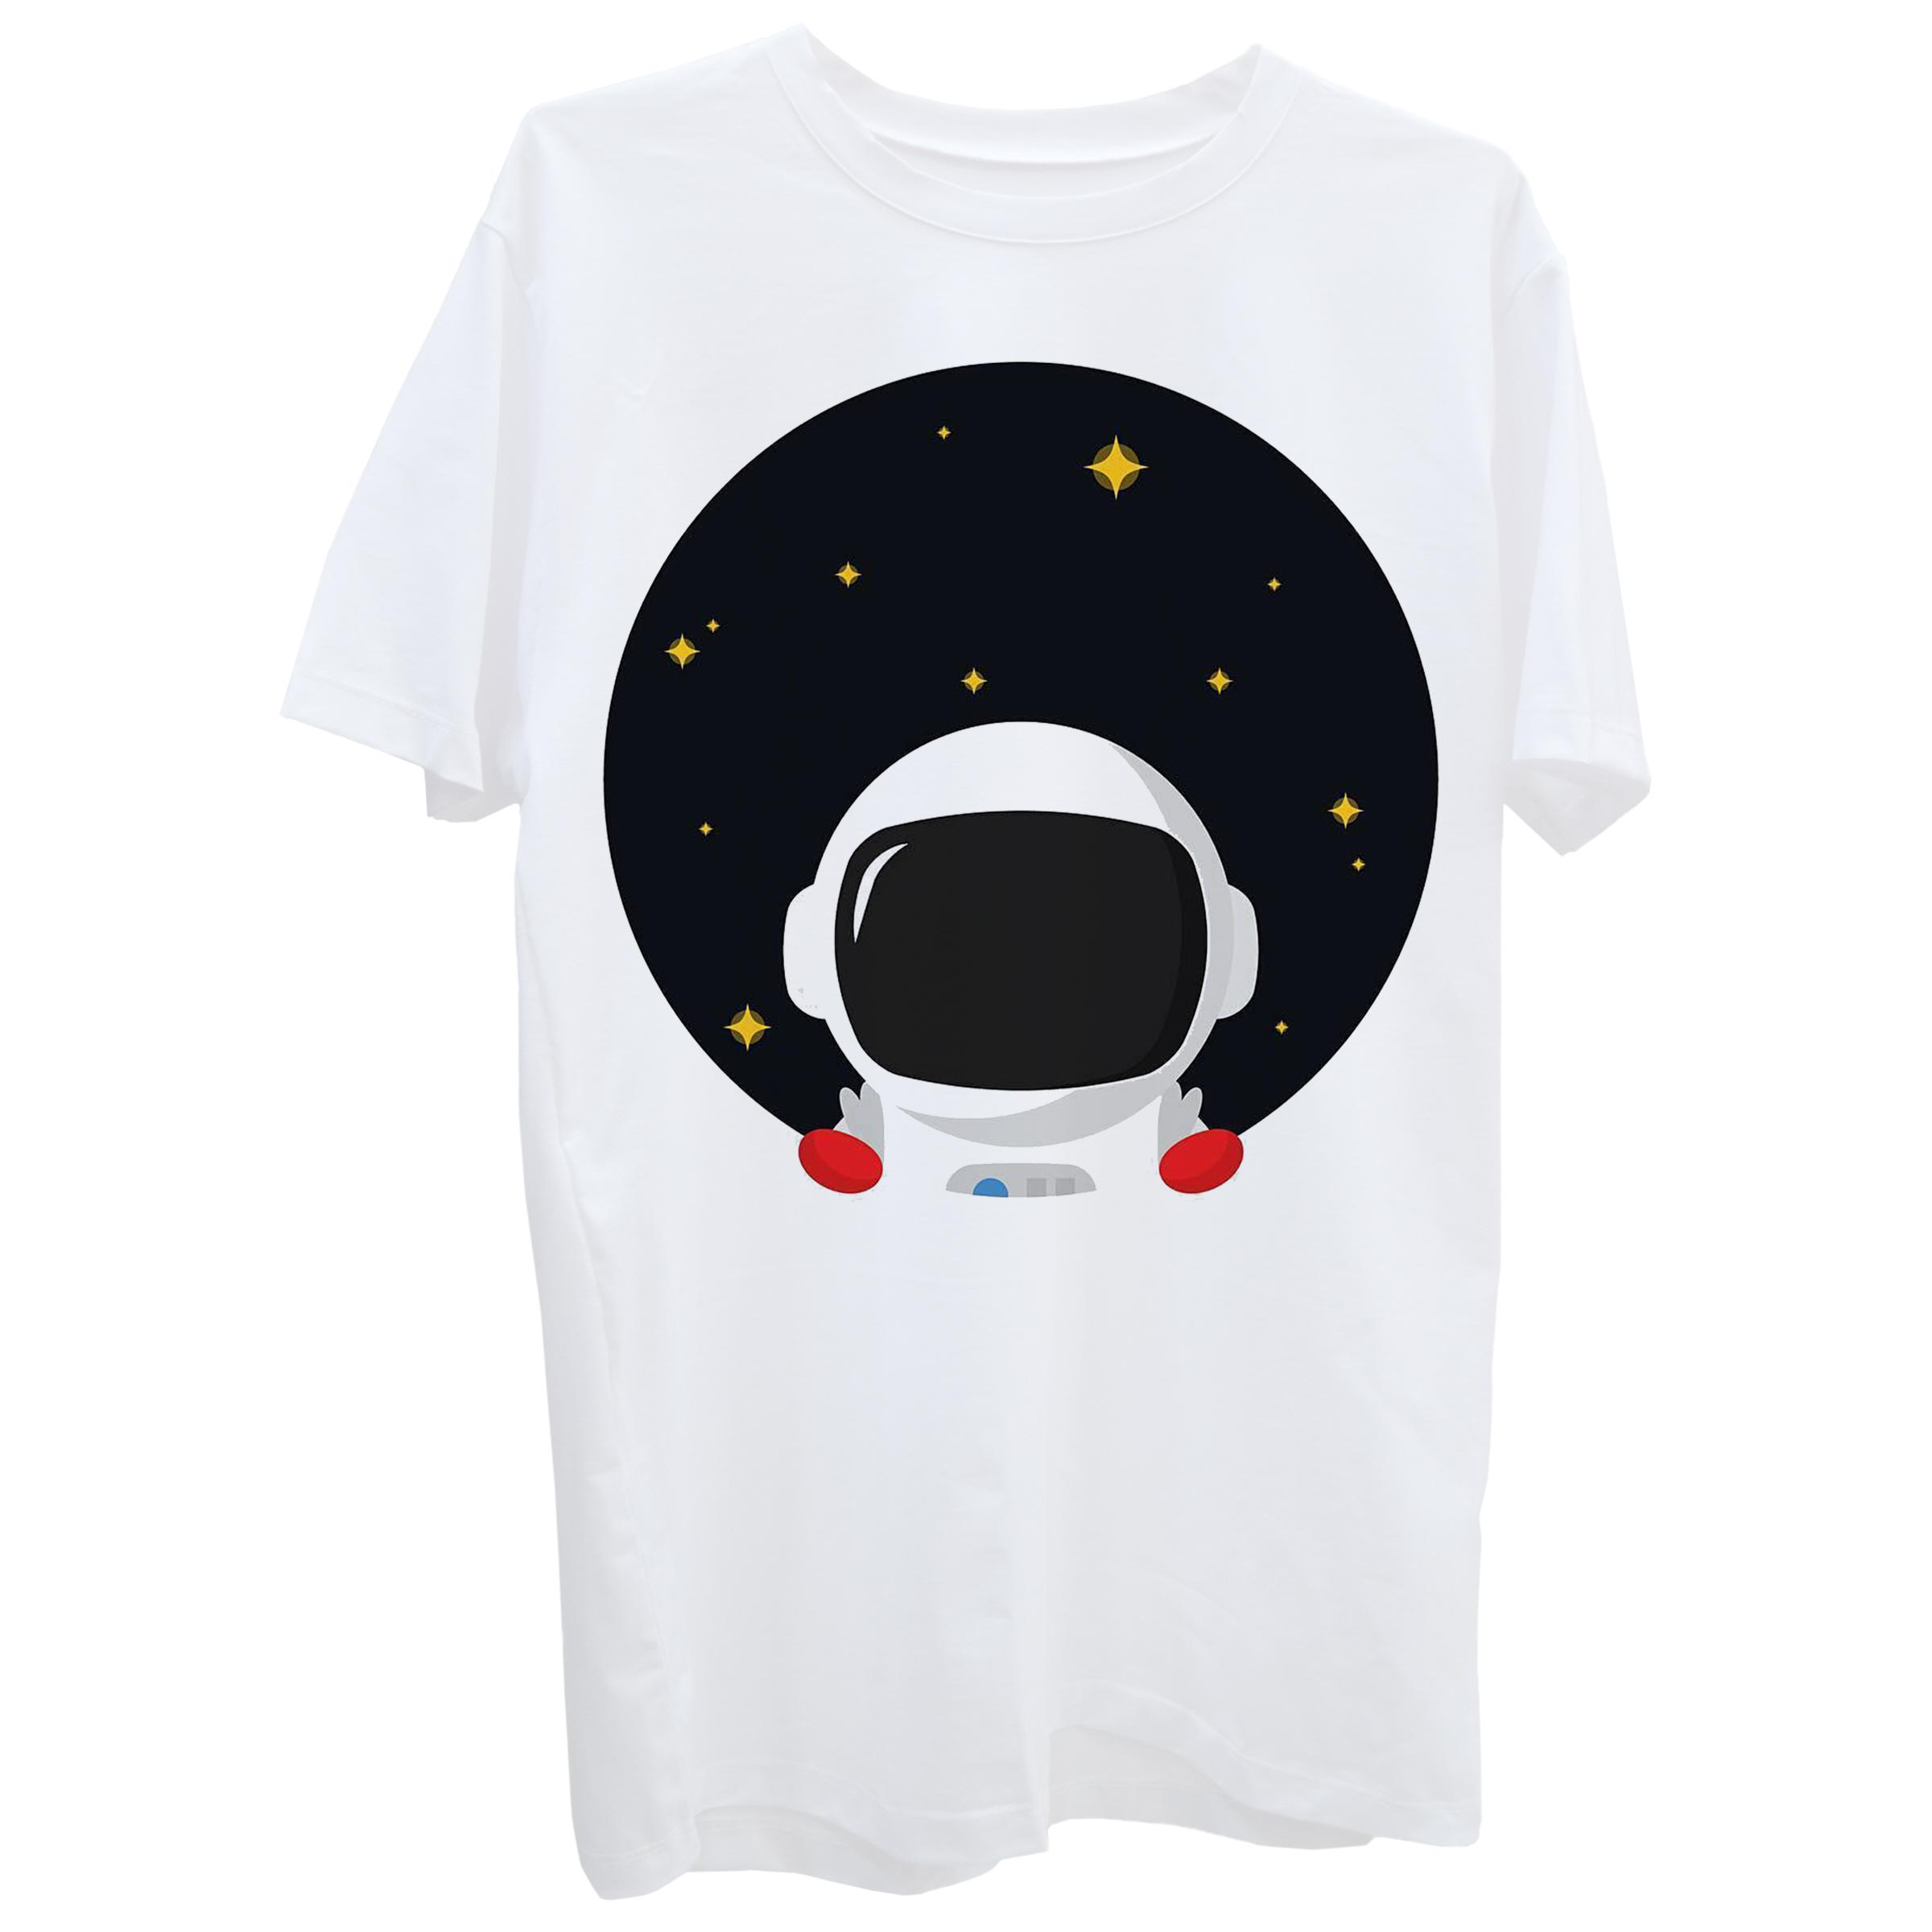 تی شرت آستین کوتاه زنانه طرح فضانورد کد Z336 -  - 2